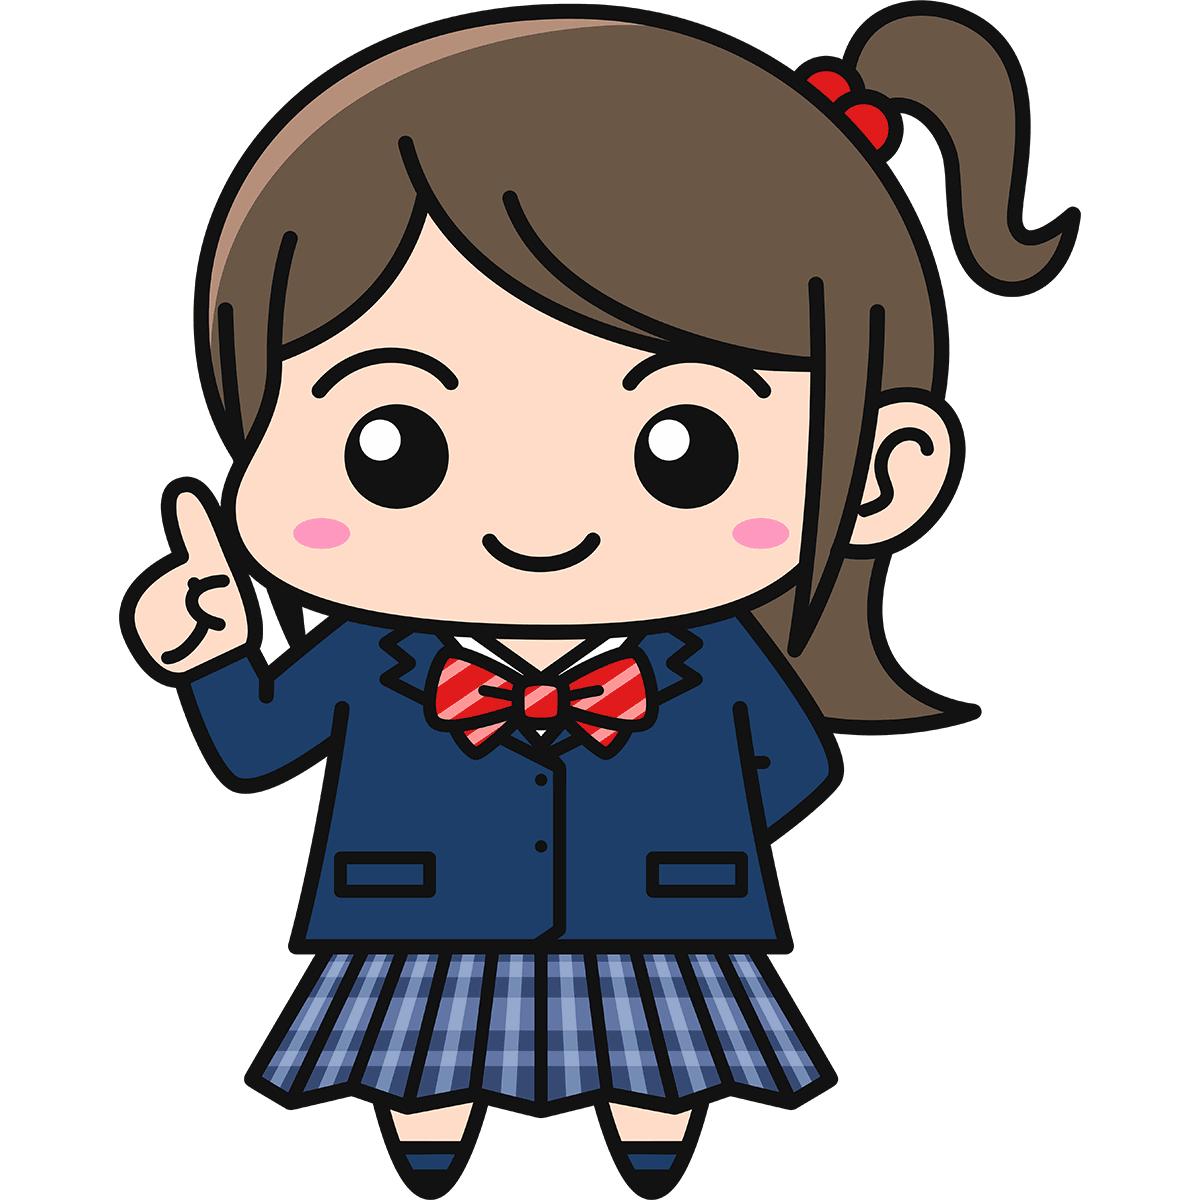 女子高生(説明/ブレザー/冬服)の無料イラスト